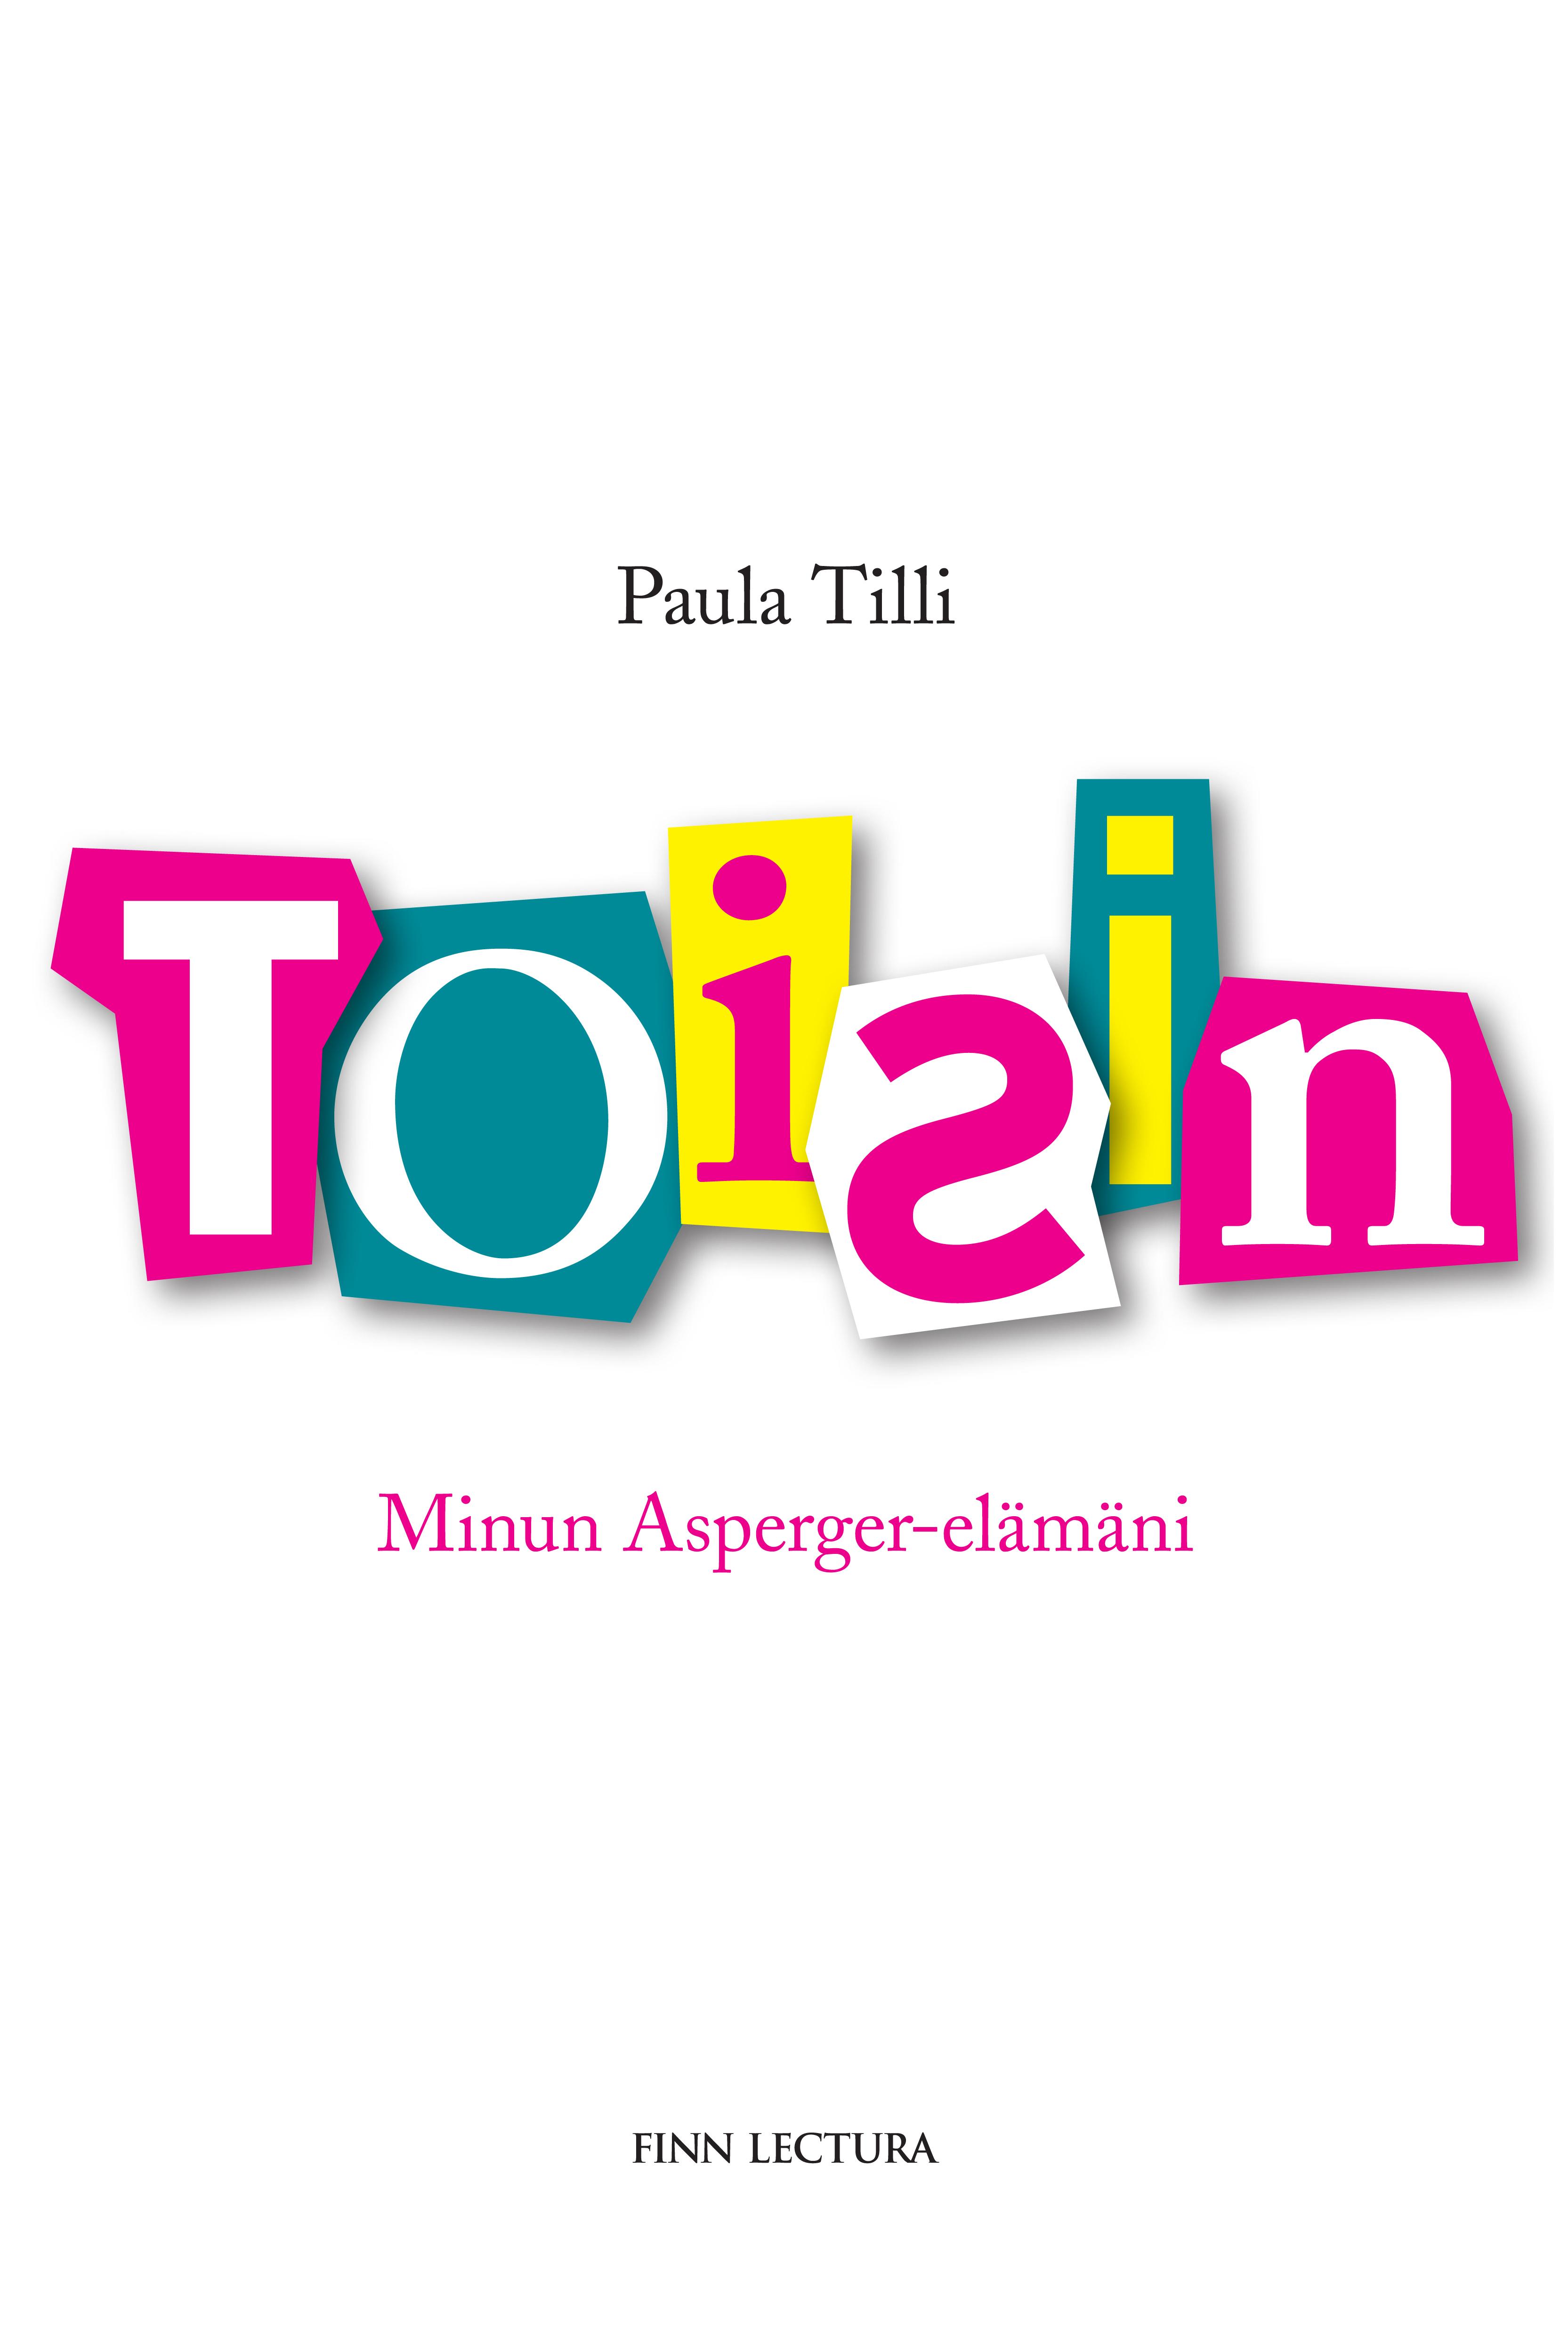 Tilli, Paula - Toisin: Minun Asperger-elämäni, e-kirja